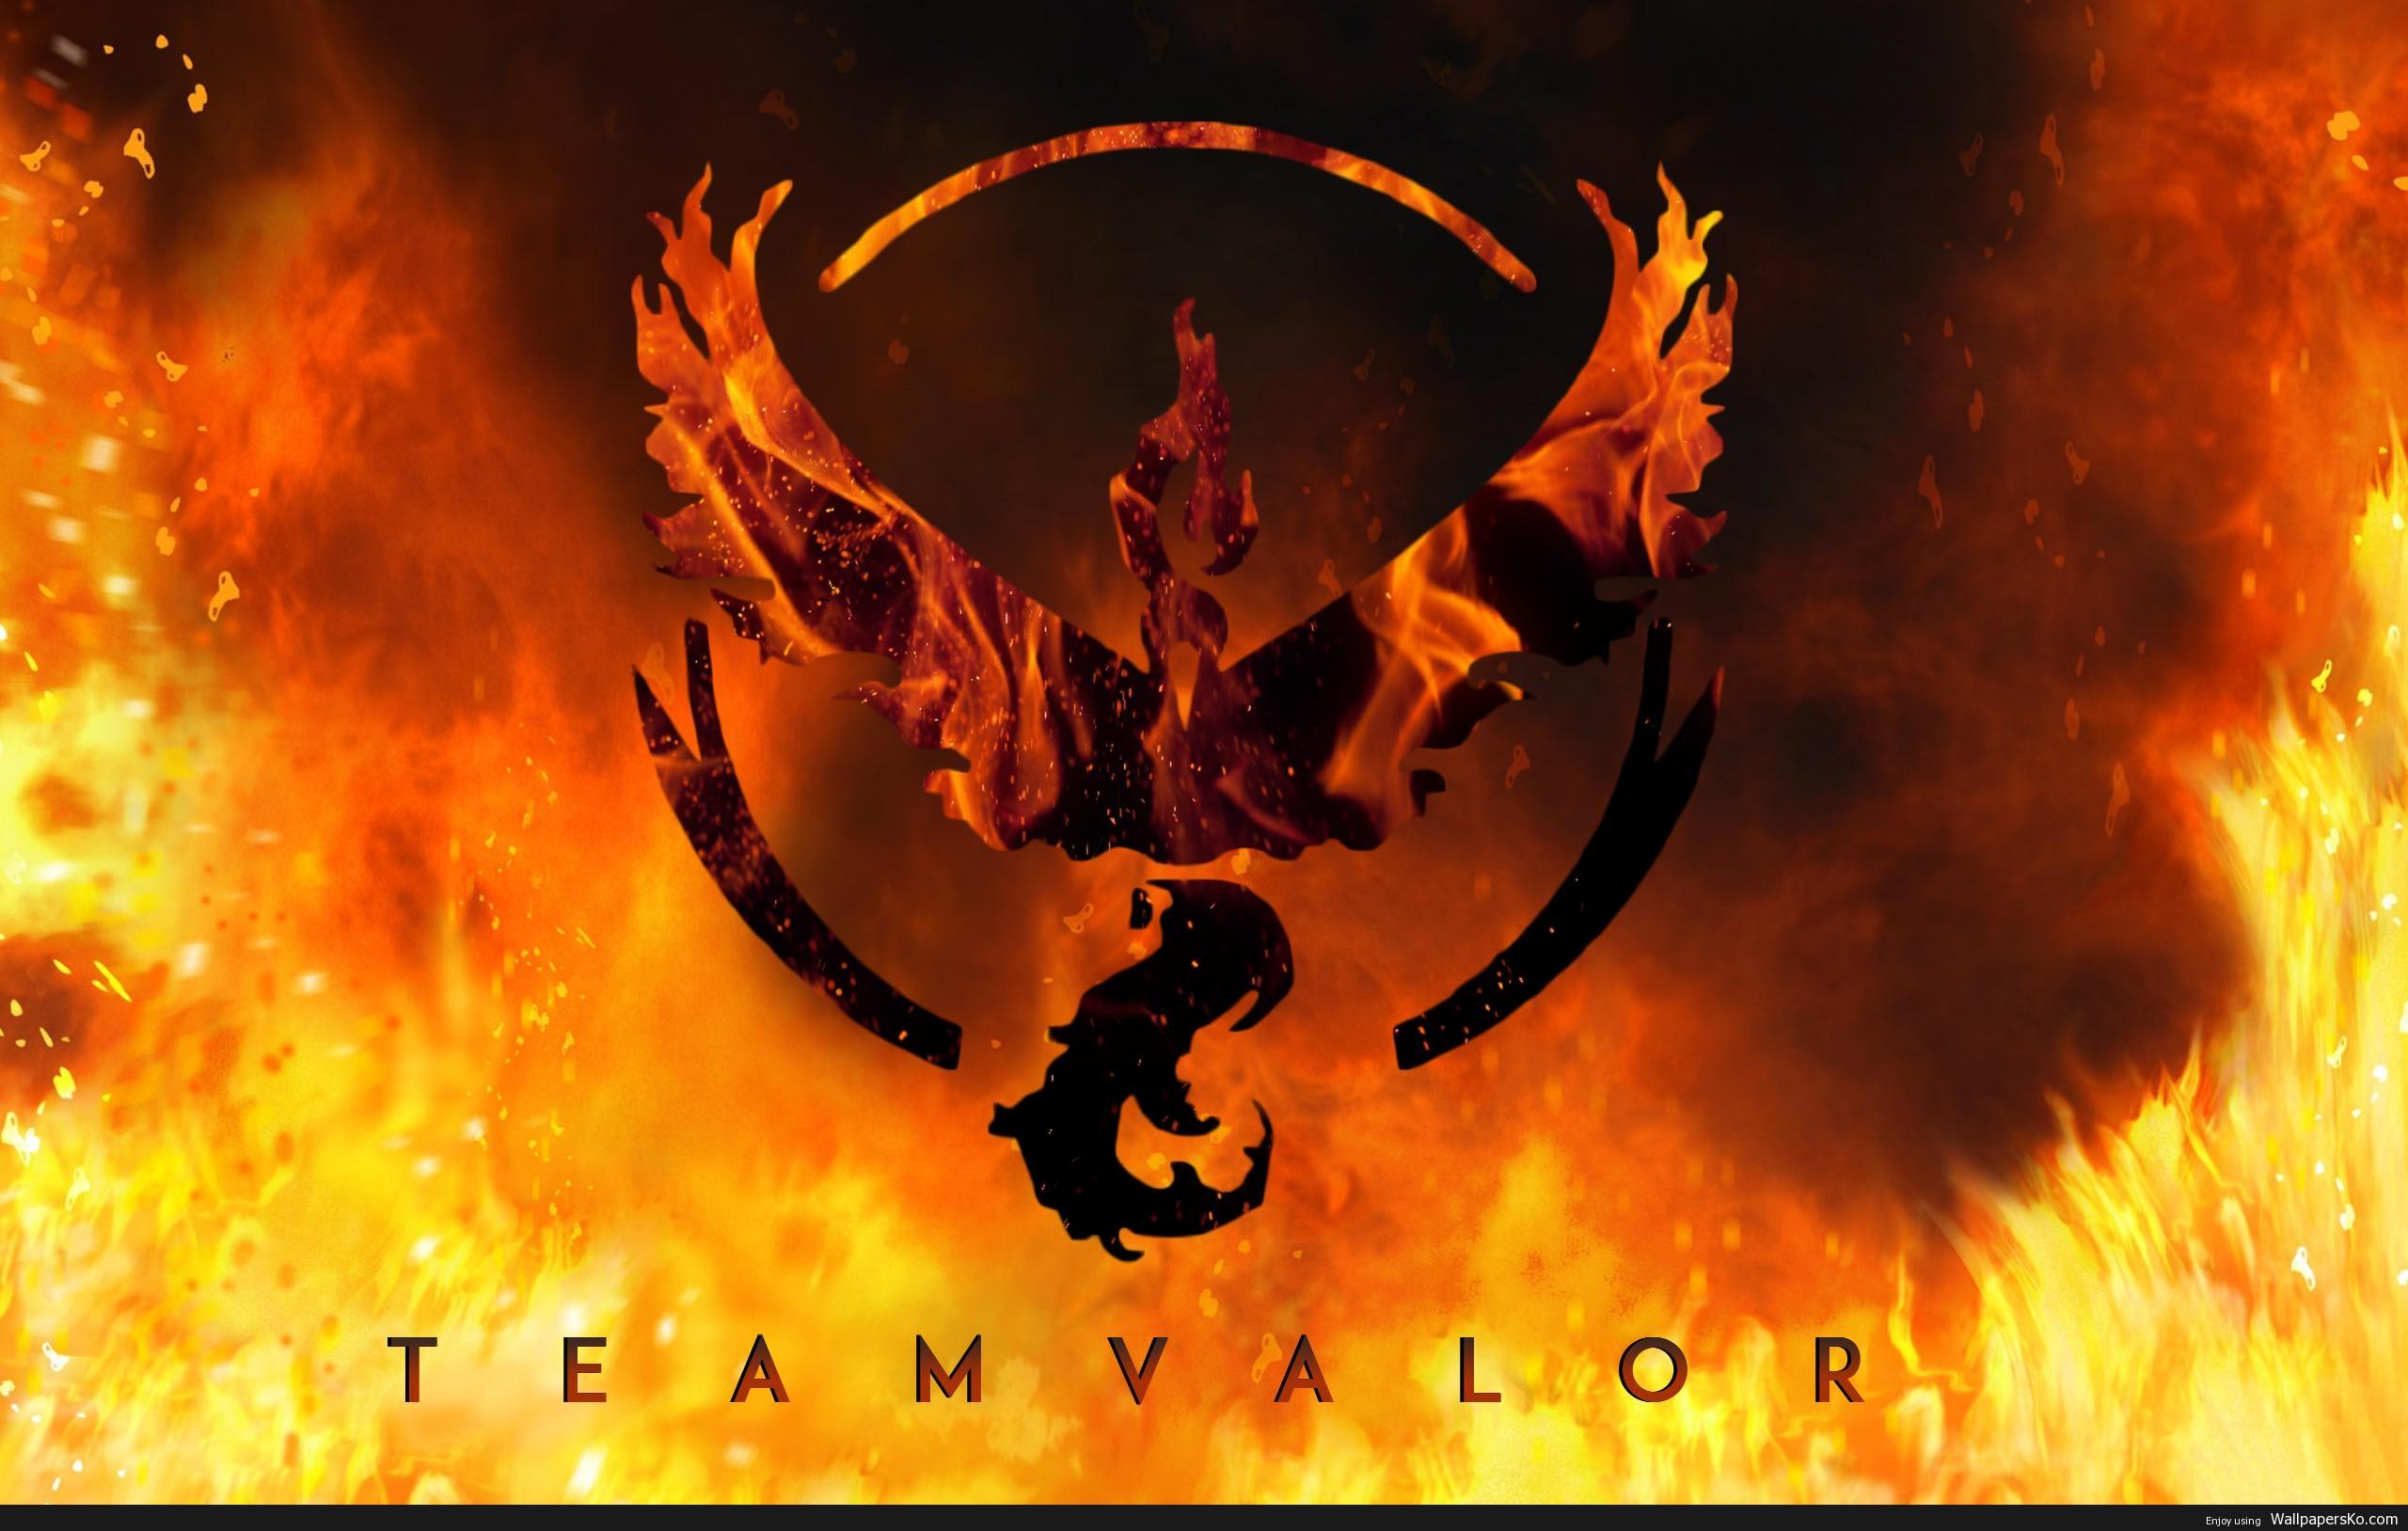 team valor wallpaper hd